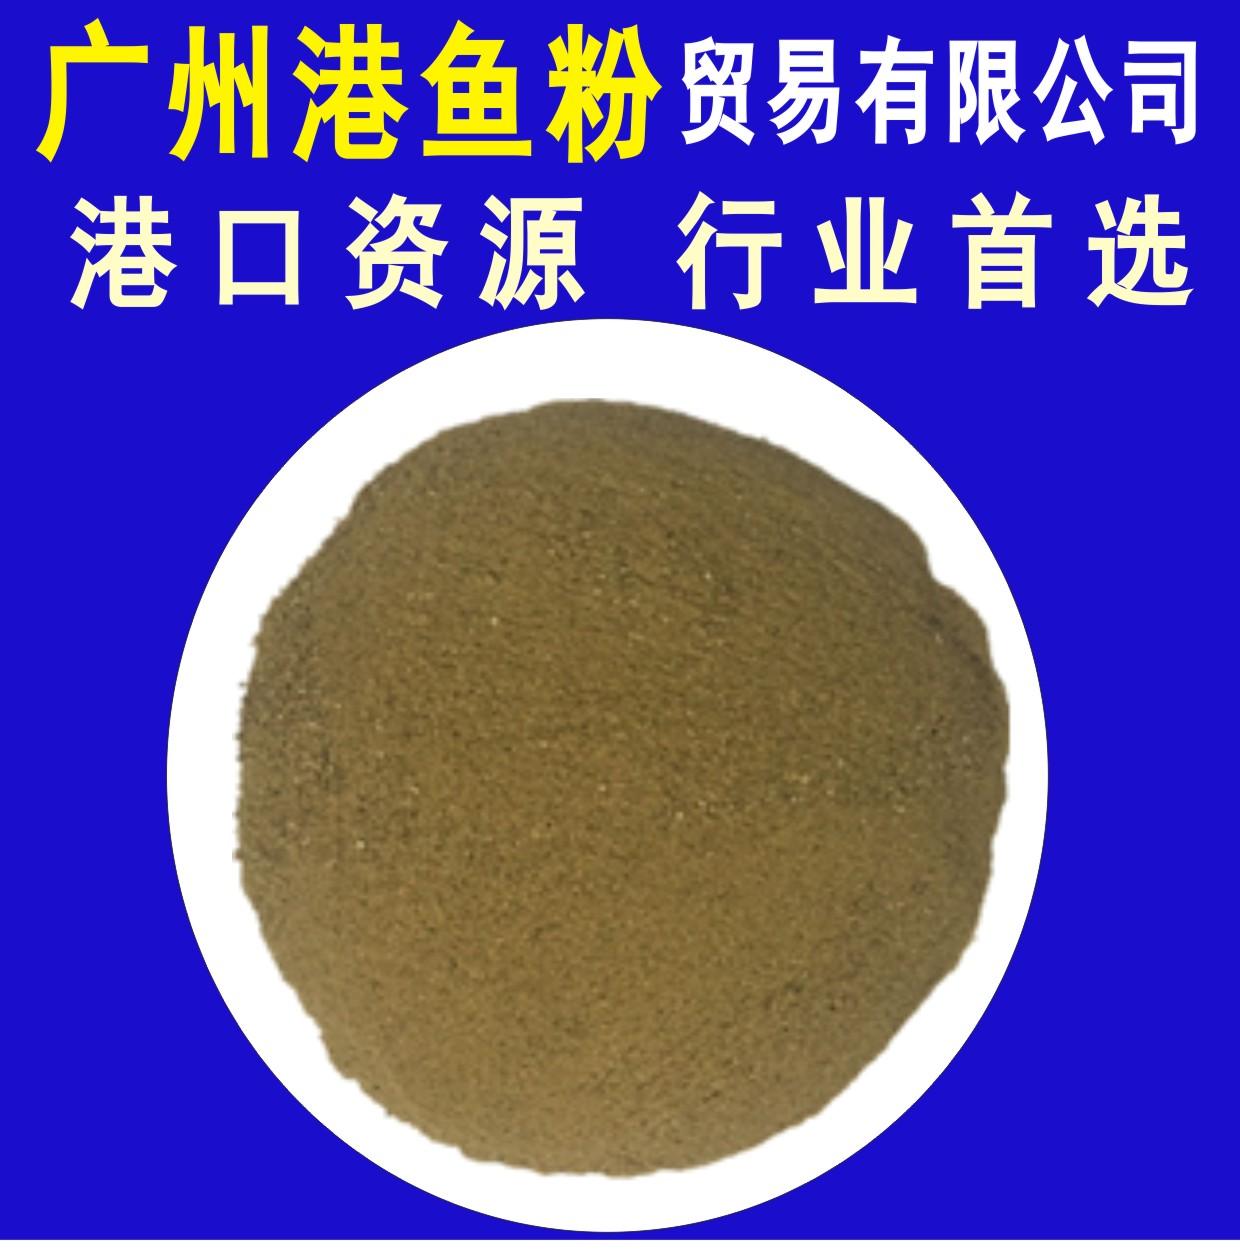 秘鲁Copeinca鱼粉广州港鱼粉贸易